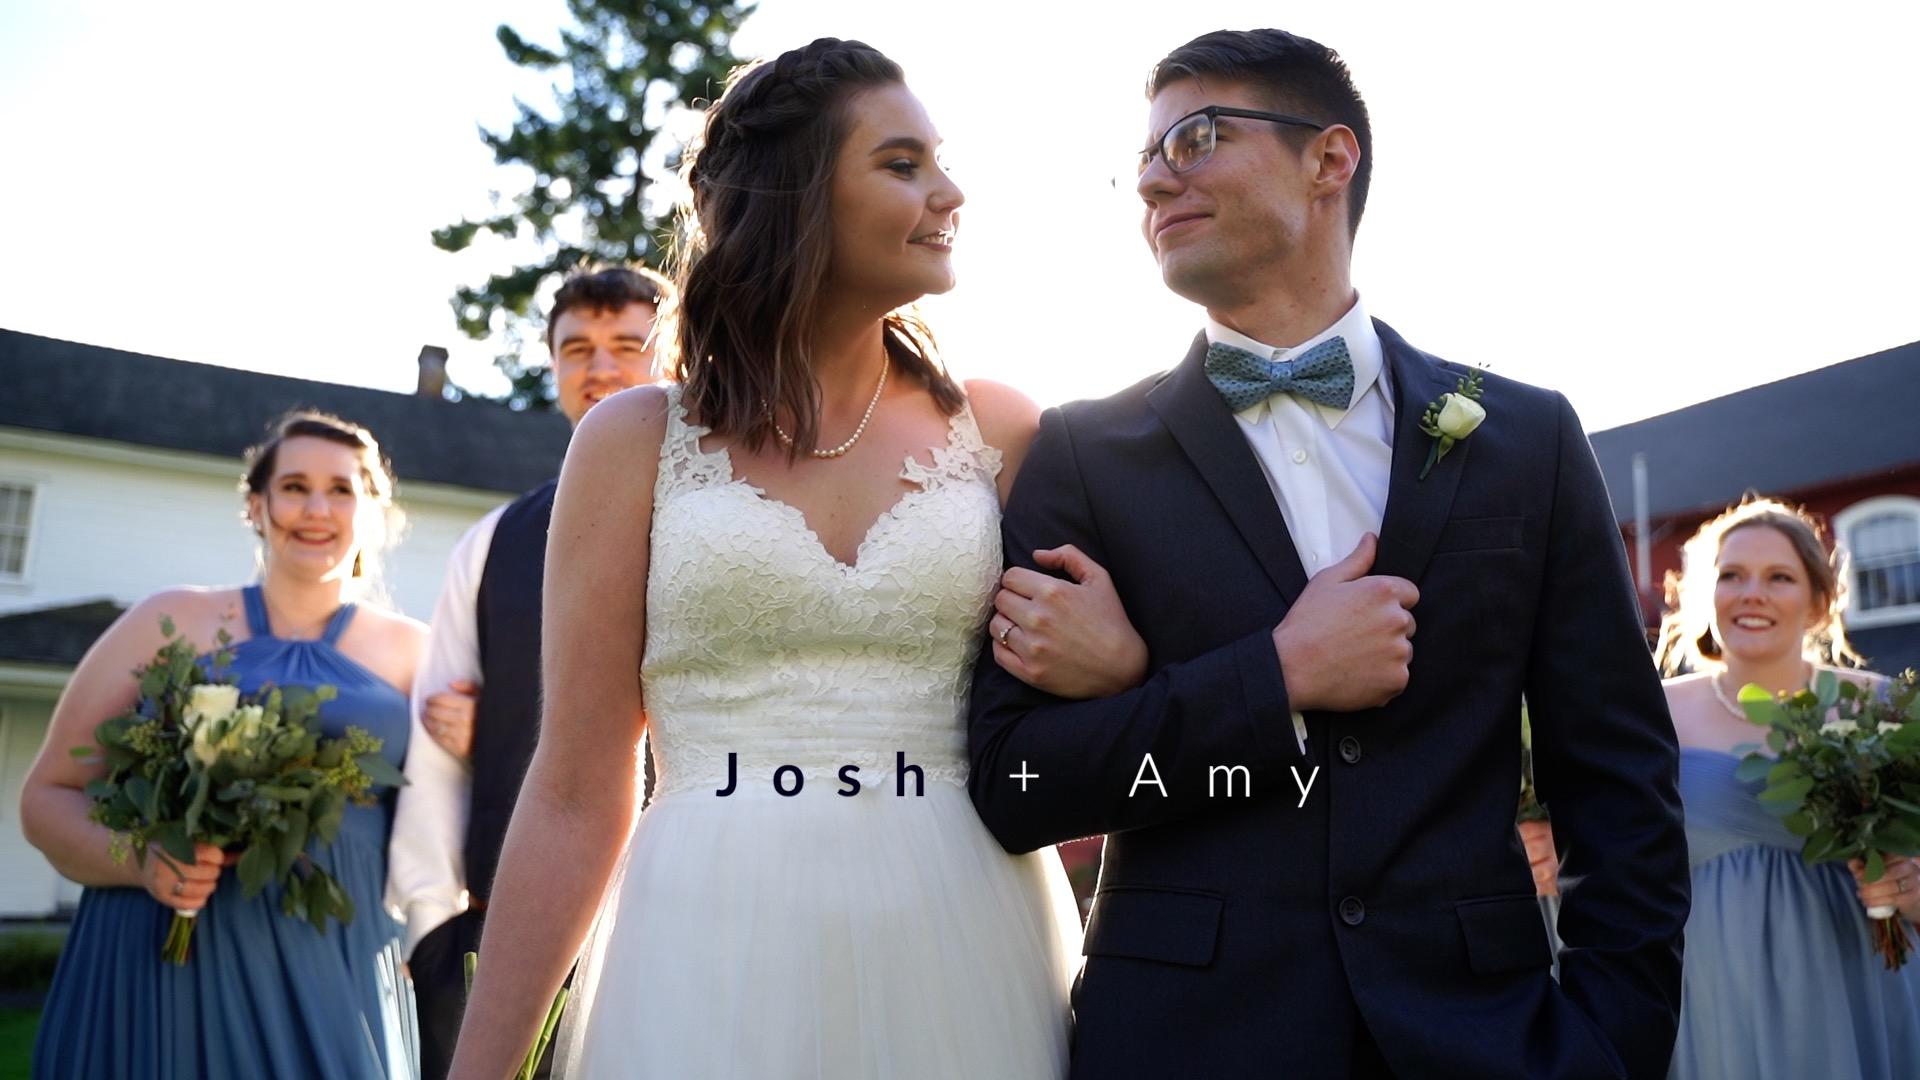 Josh + Amy | Salem, Oregon | Willamette Heritage Center